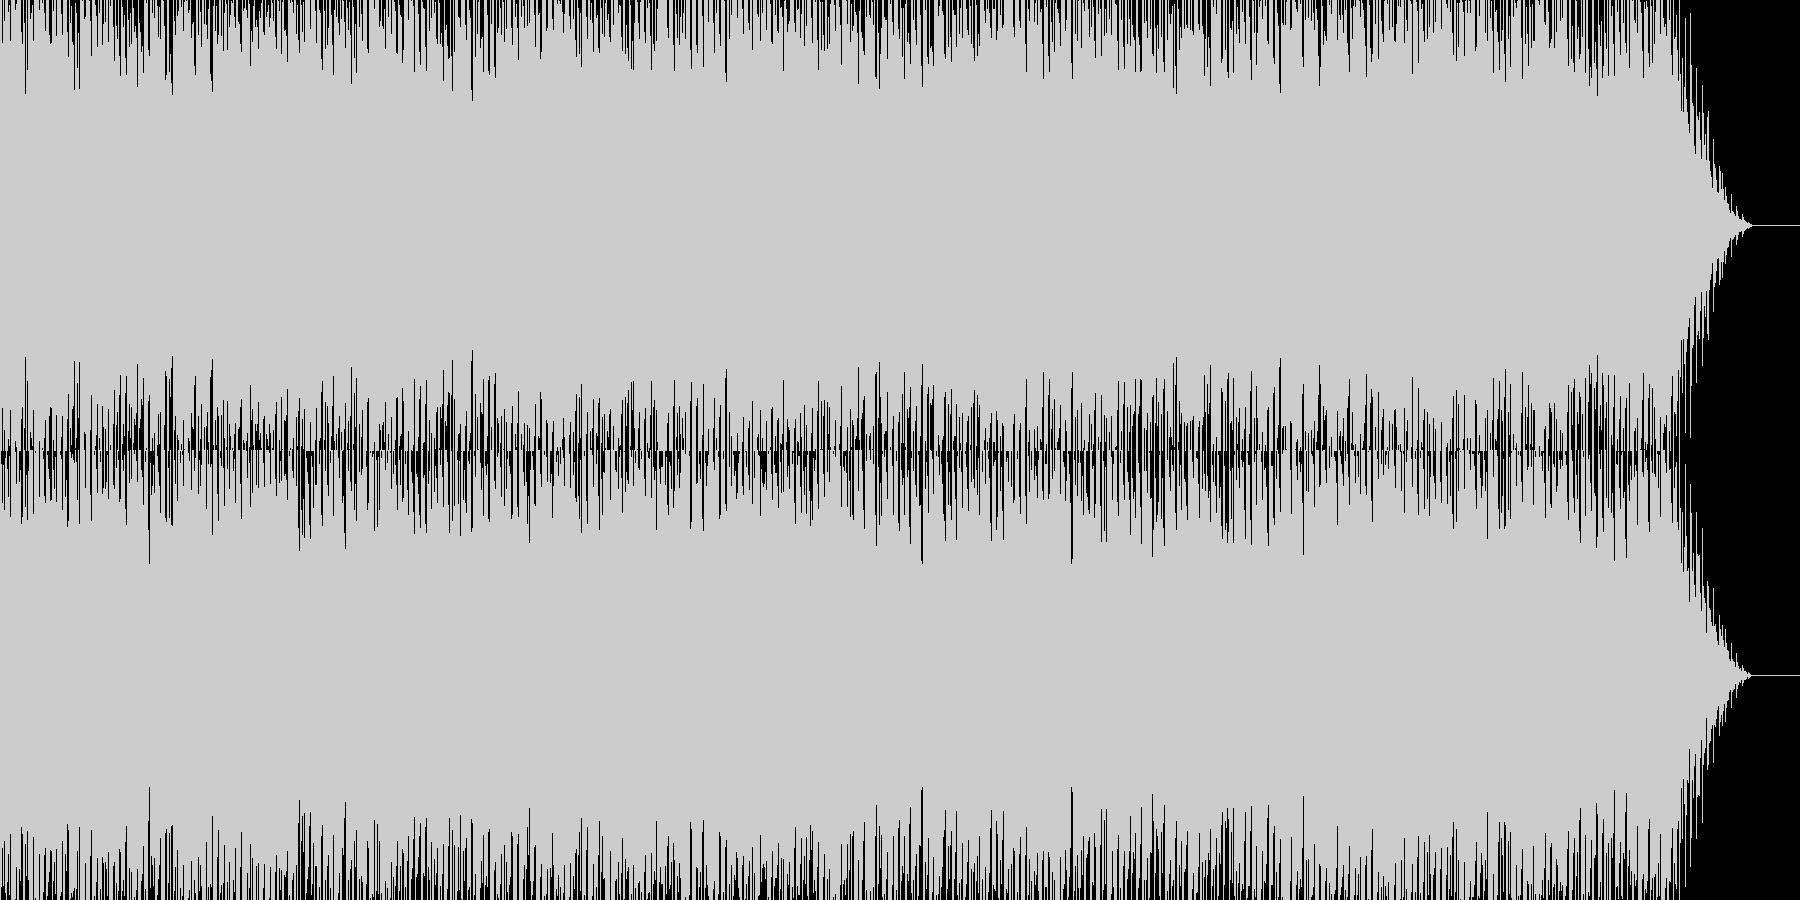 簡単なピアノトランスのループ素材の未再生の波形